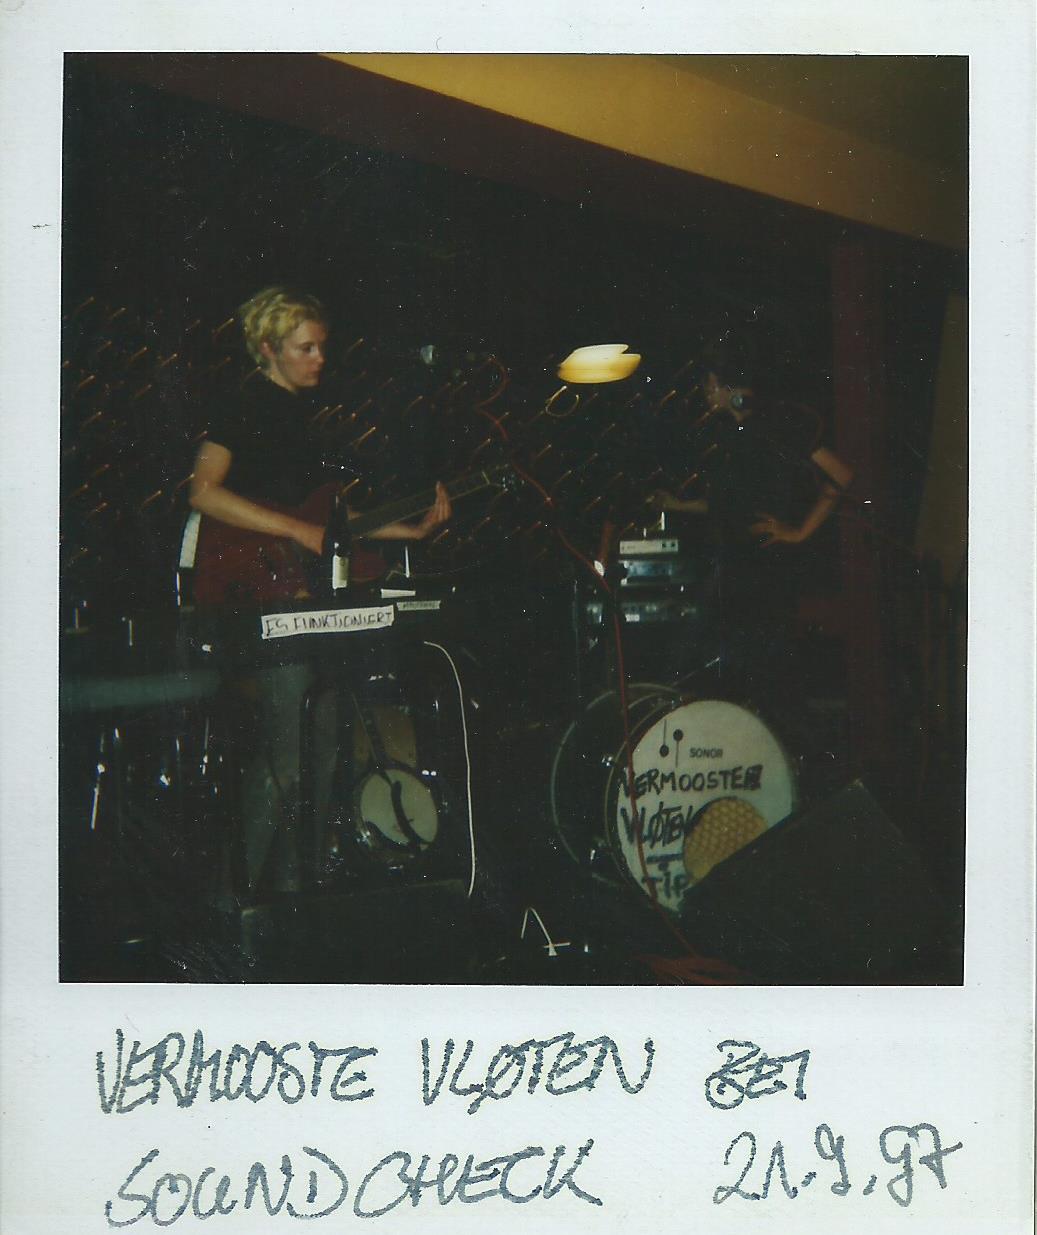 Substanz_Vermooste_Klöten